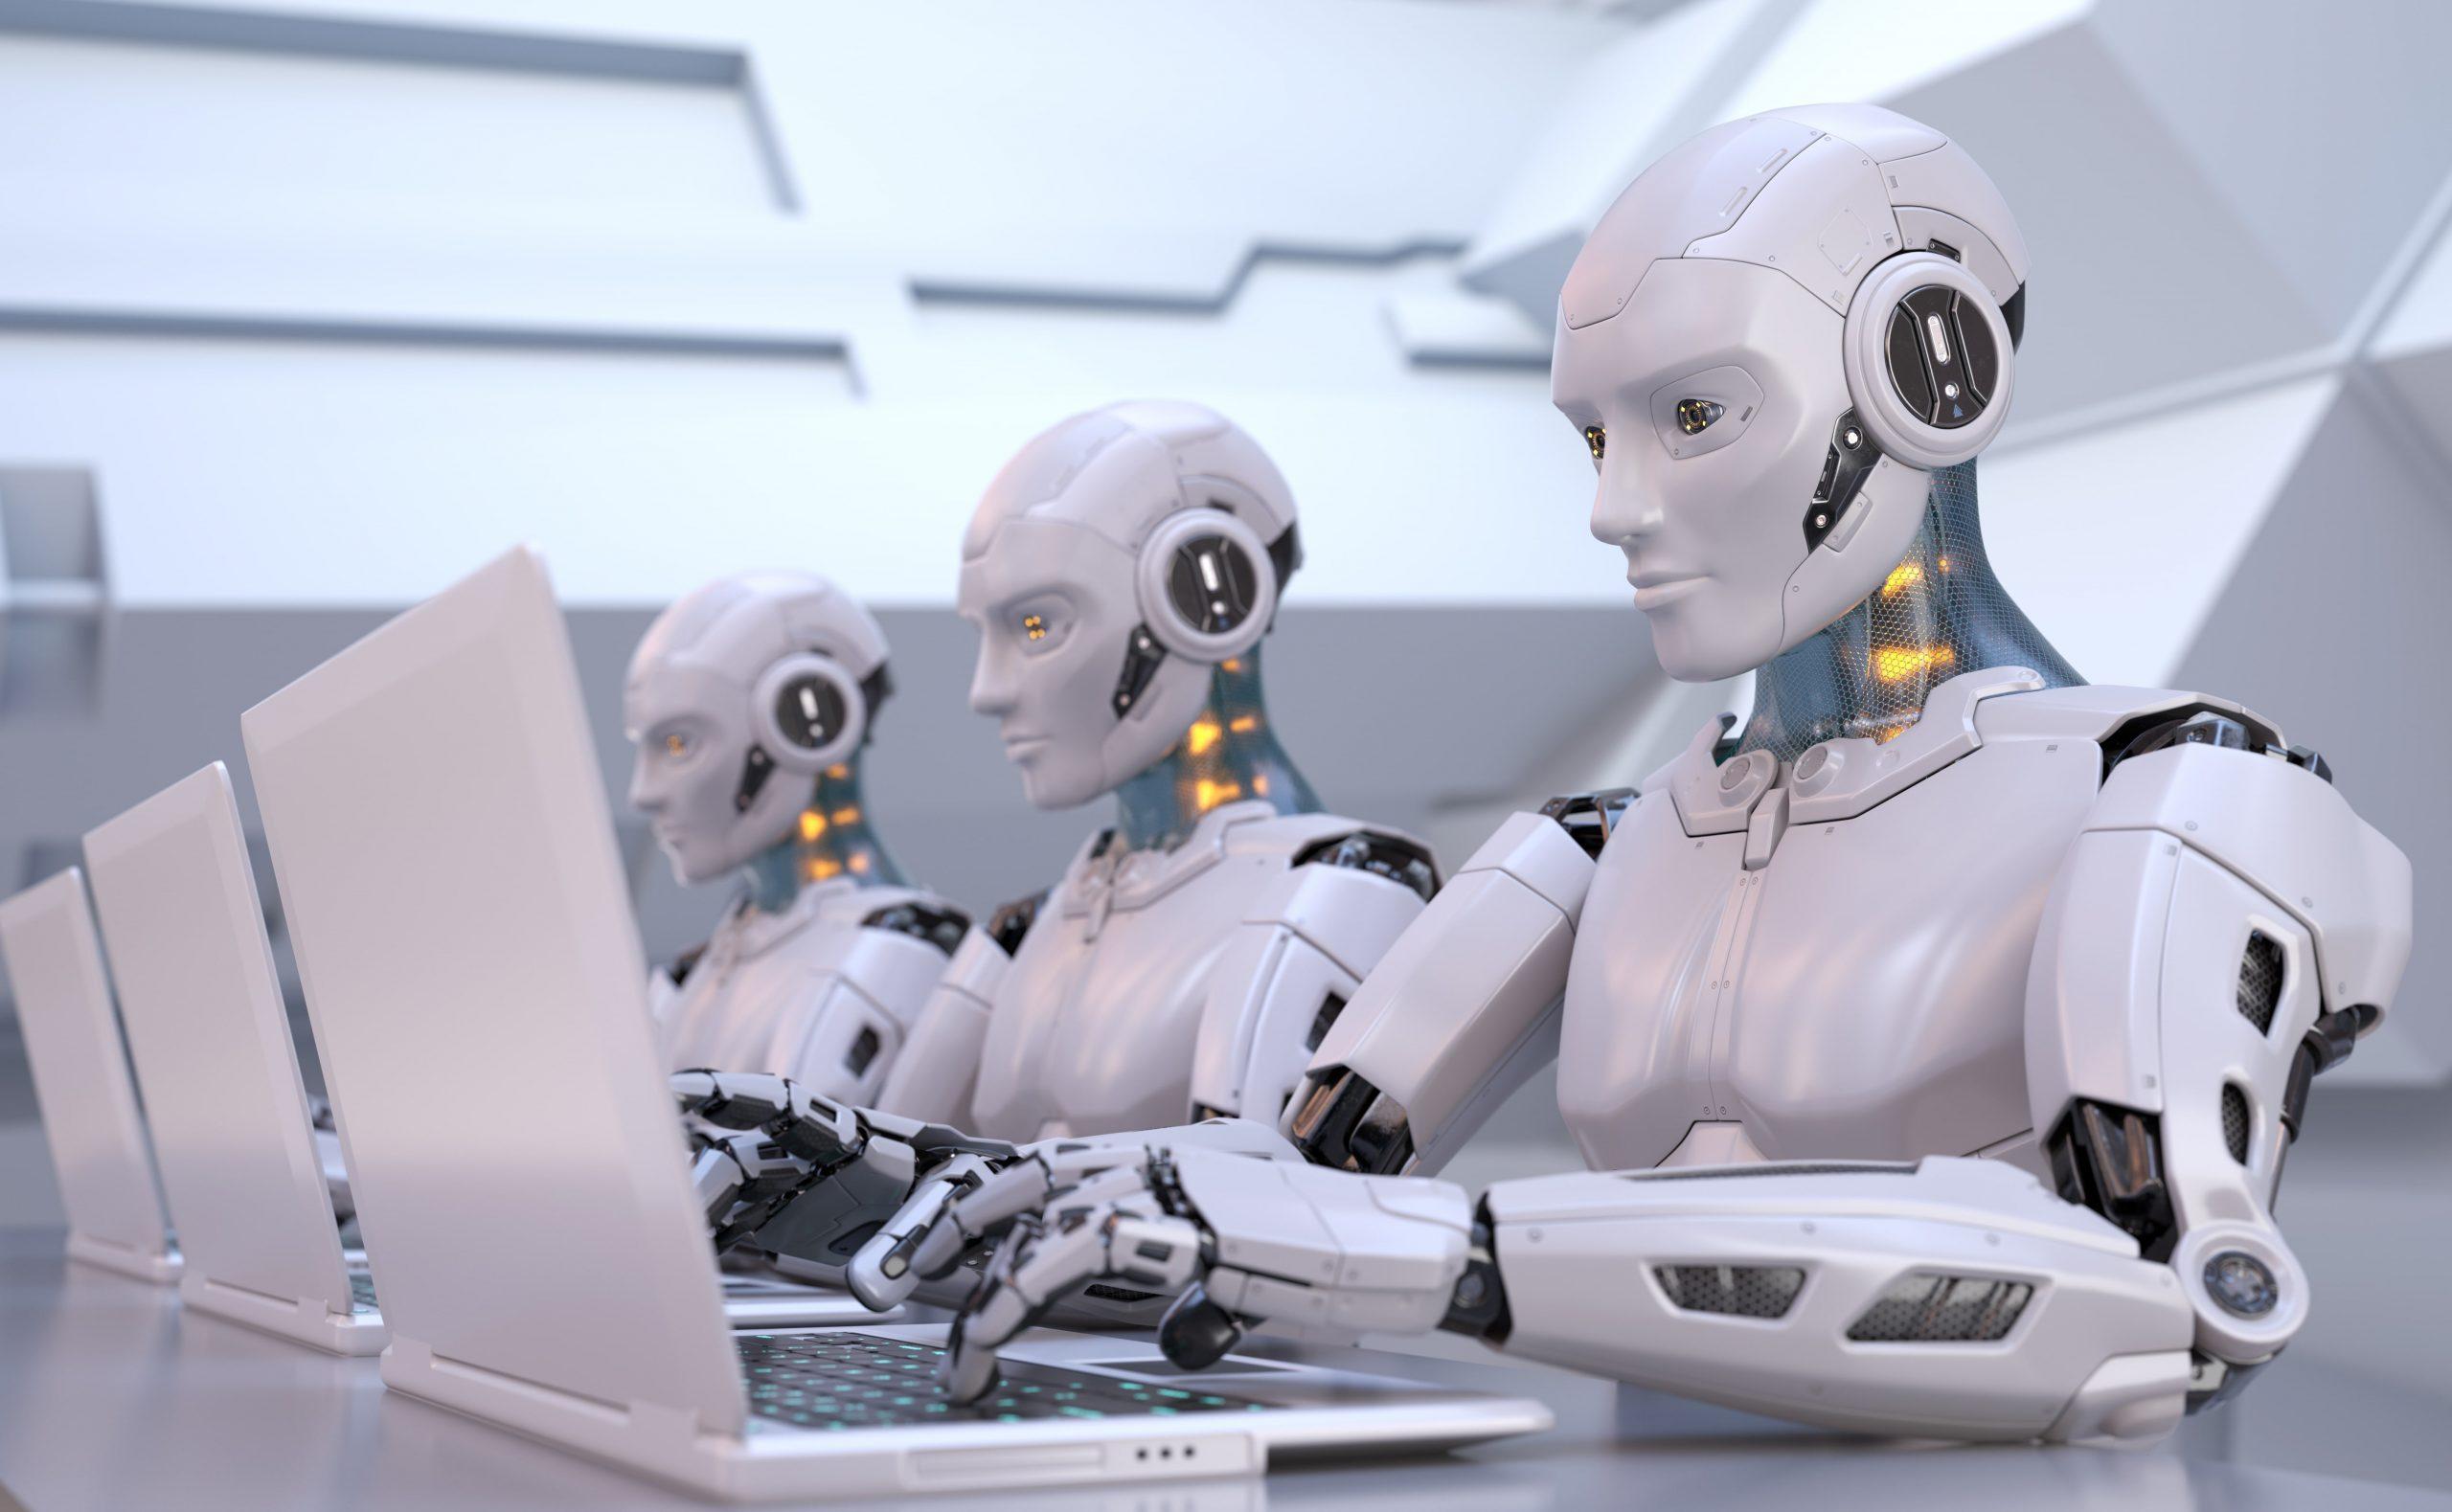 كيف تتوسع في عملك باستخدام الروبوتات؟